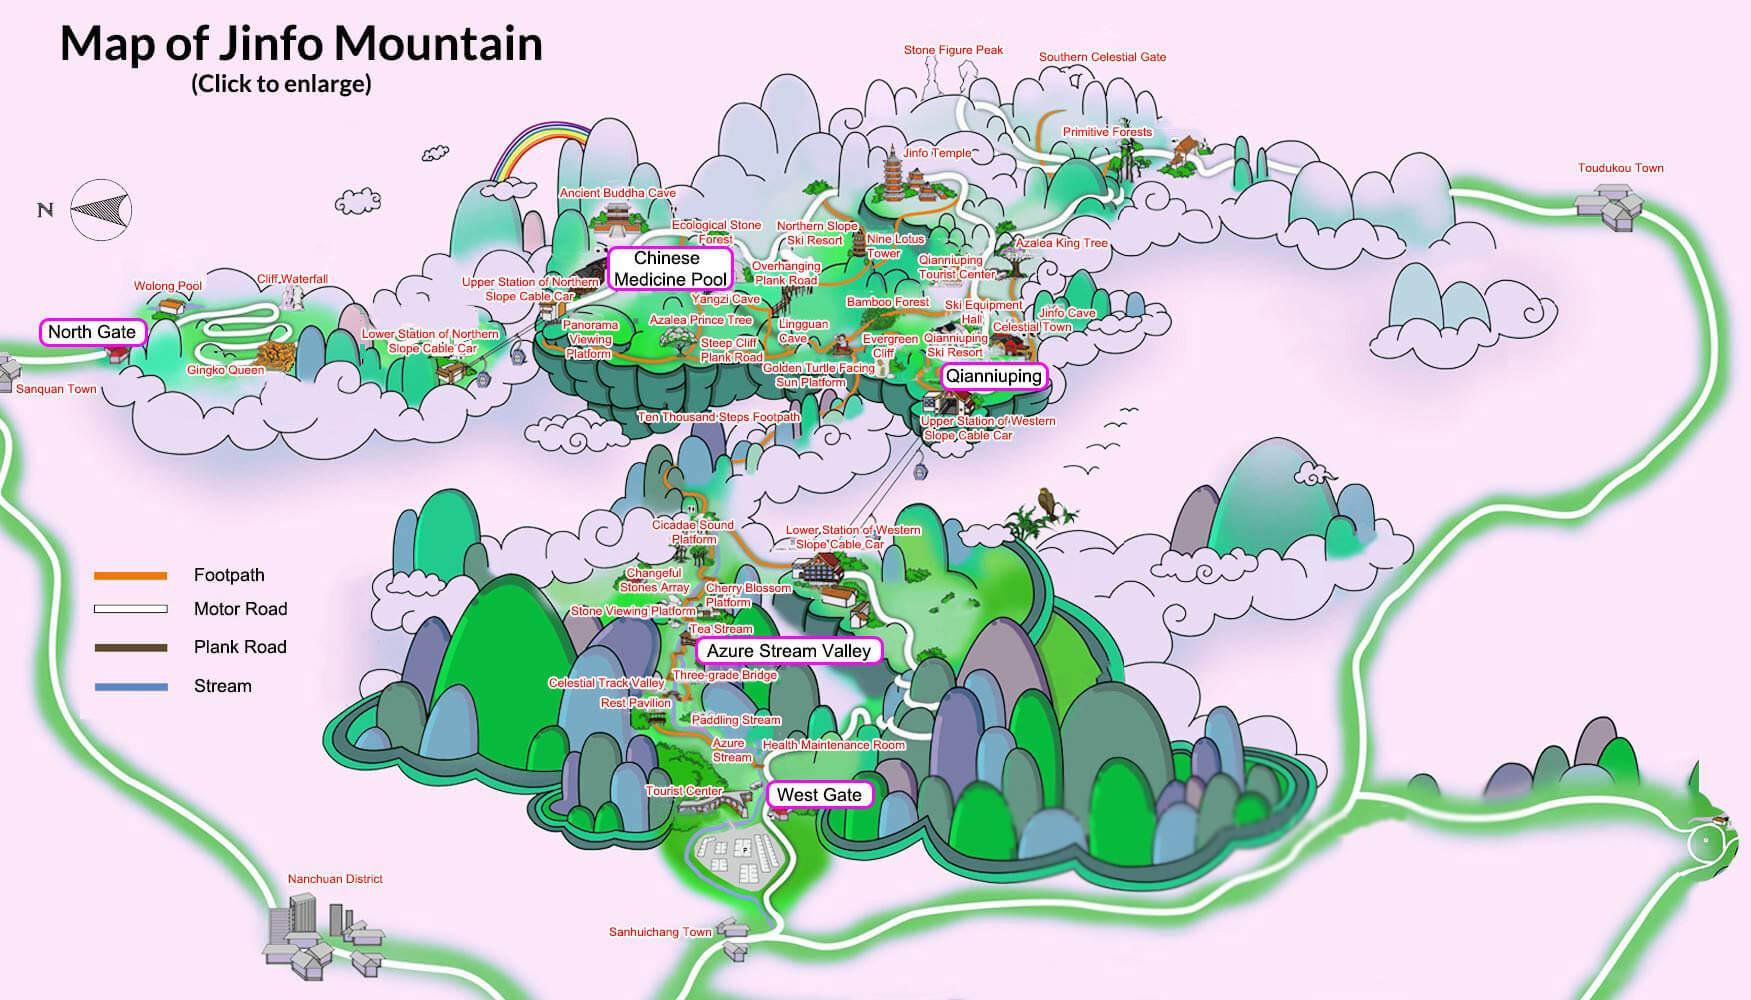 chongqing mount jinfo map